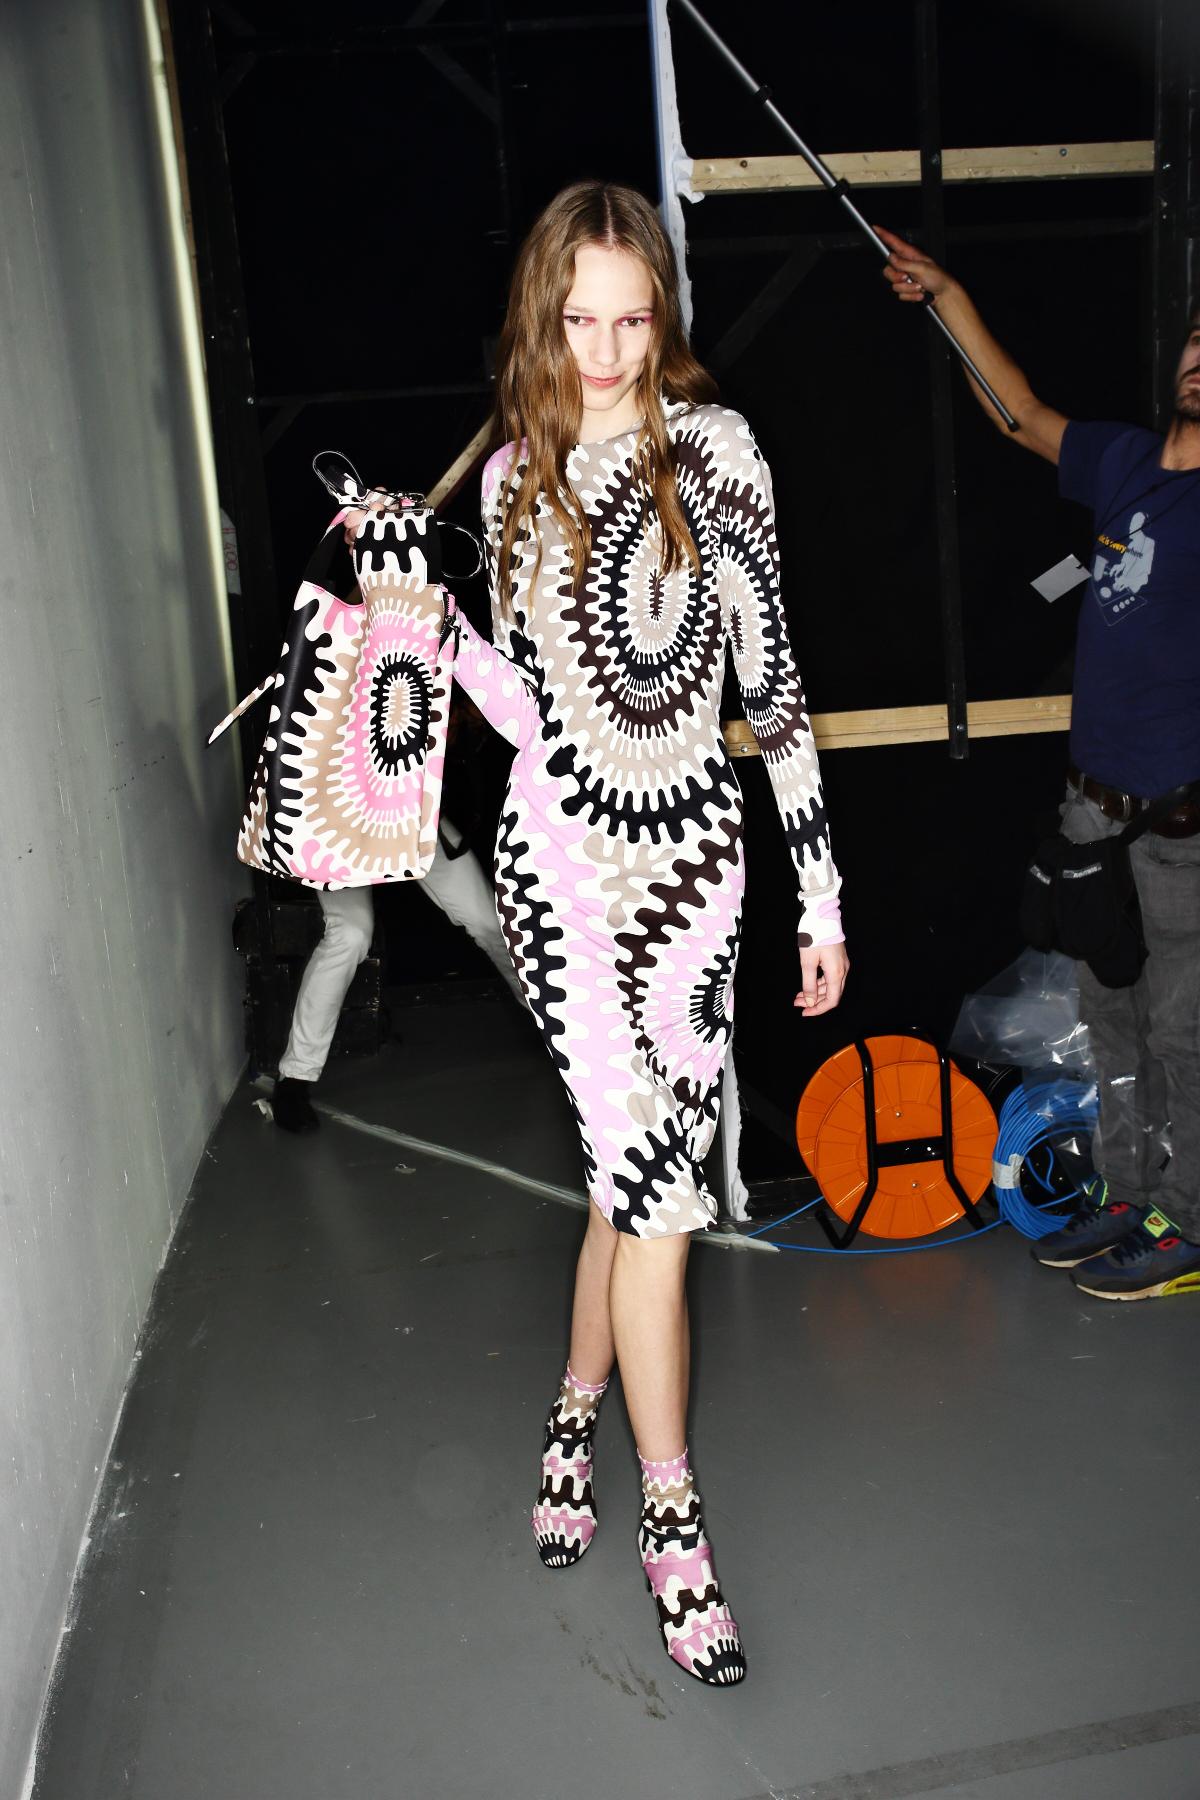 Auf diesem Bild sieht man ein Model im Backstage Bereich der Emilio Pucci Fashionshow mit pinkem Lidschatten, der auch Rouge sein könnte.